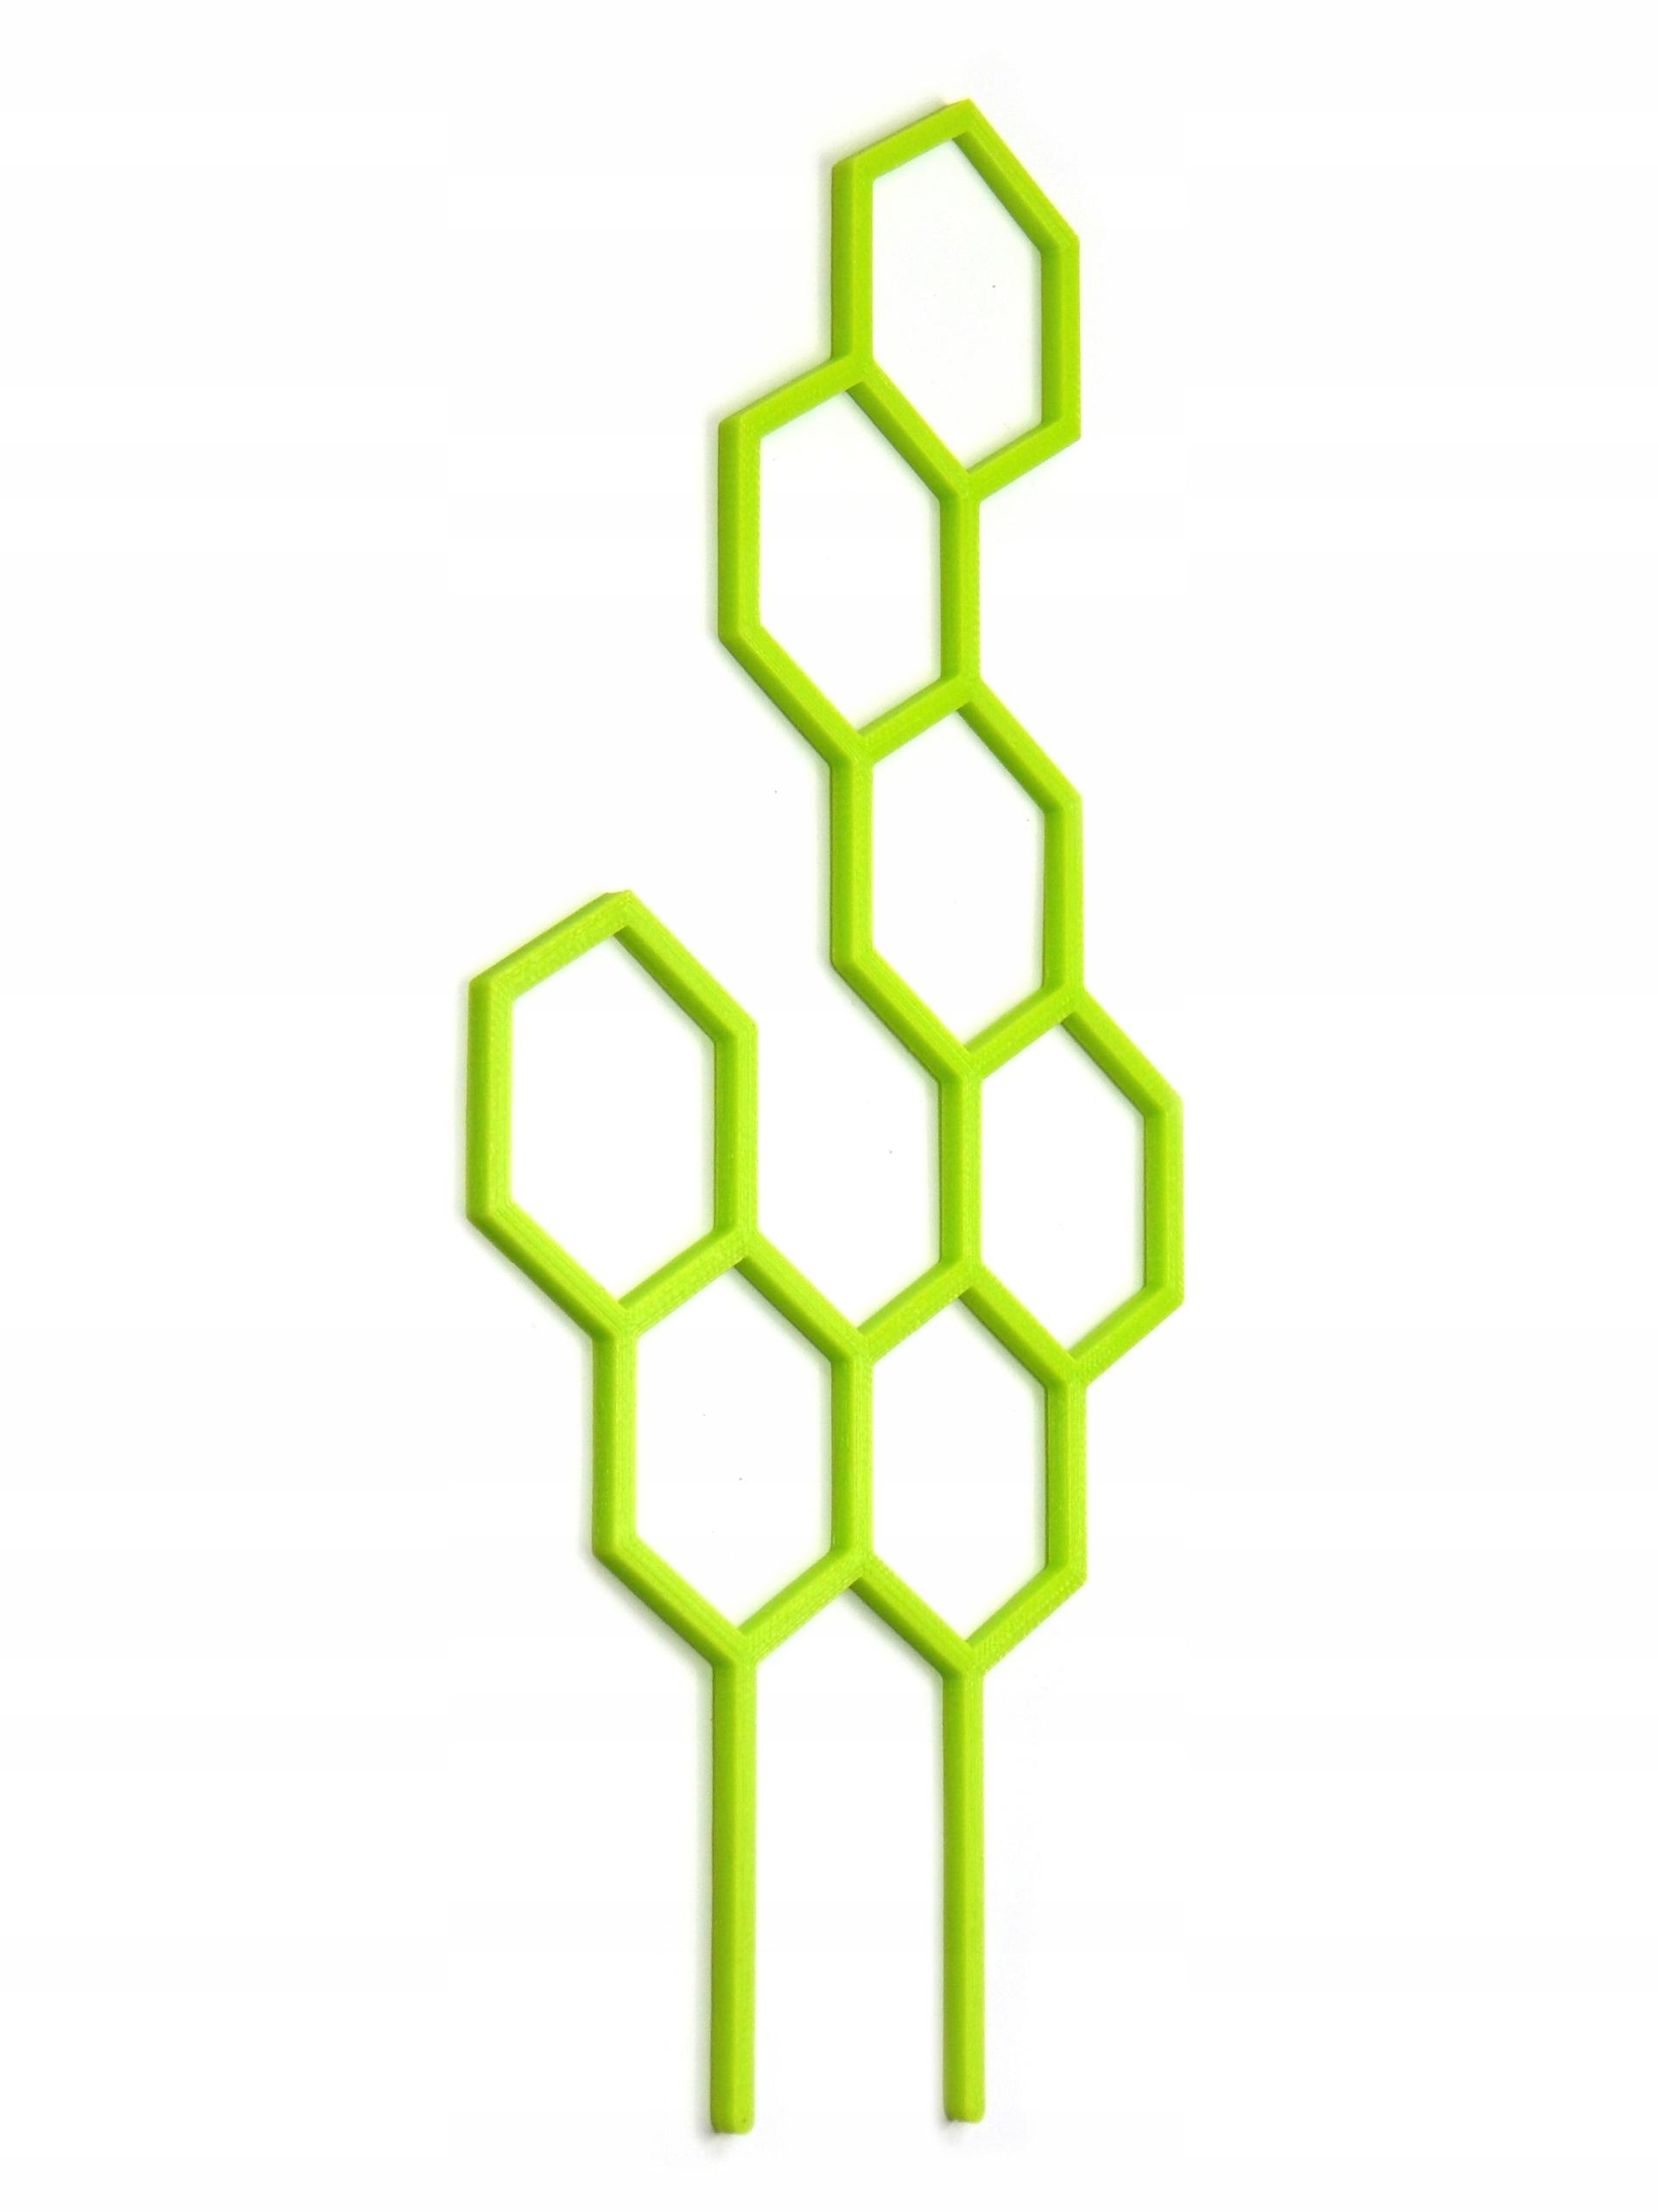 Подставка для растений, лестница для перголы, цвета 28,5 см